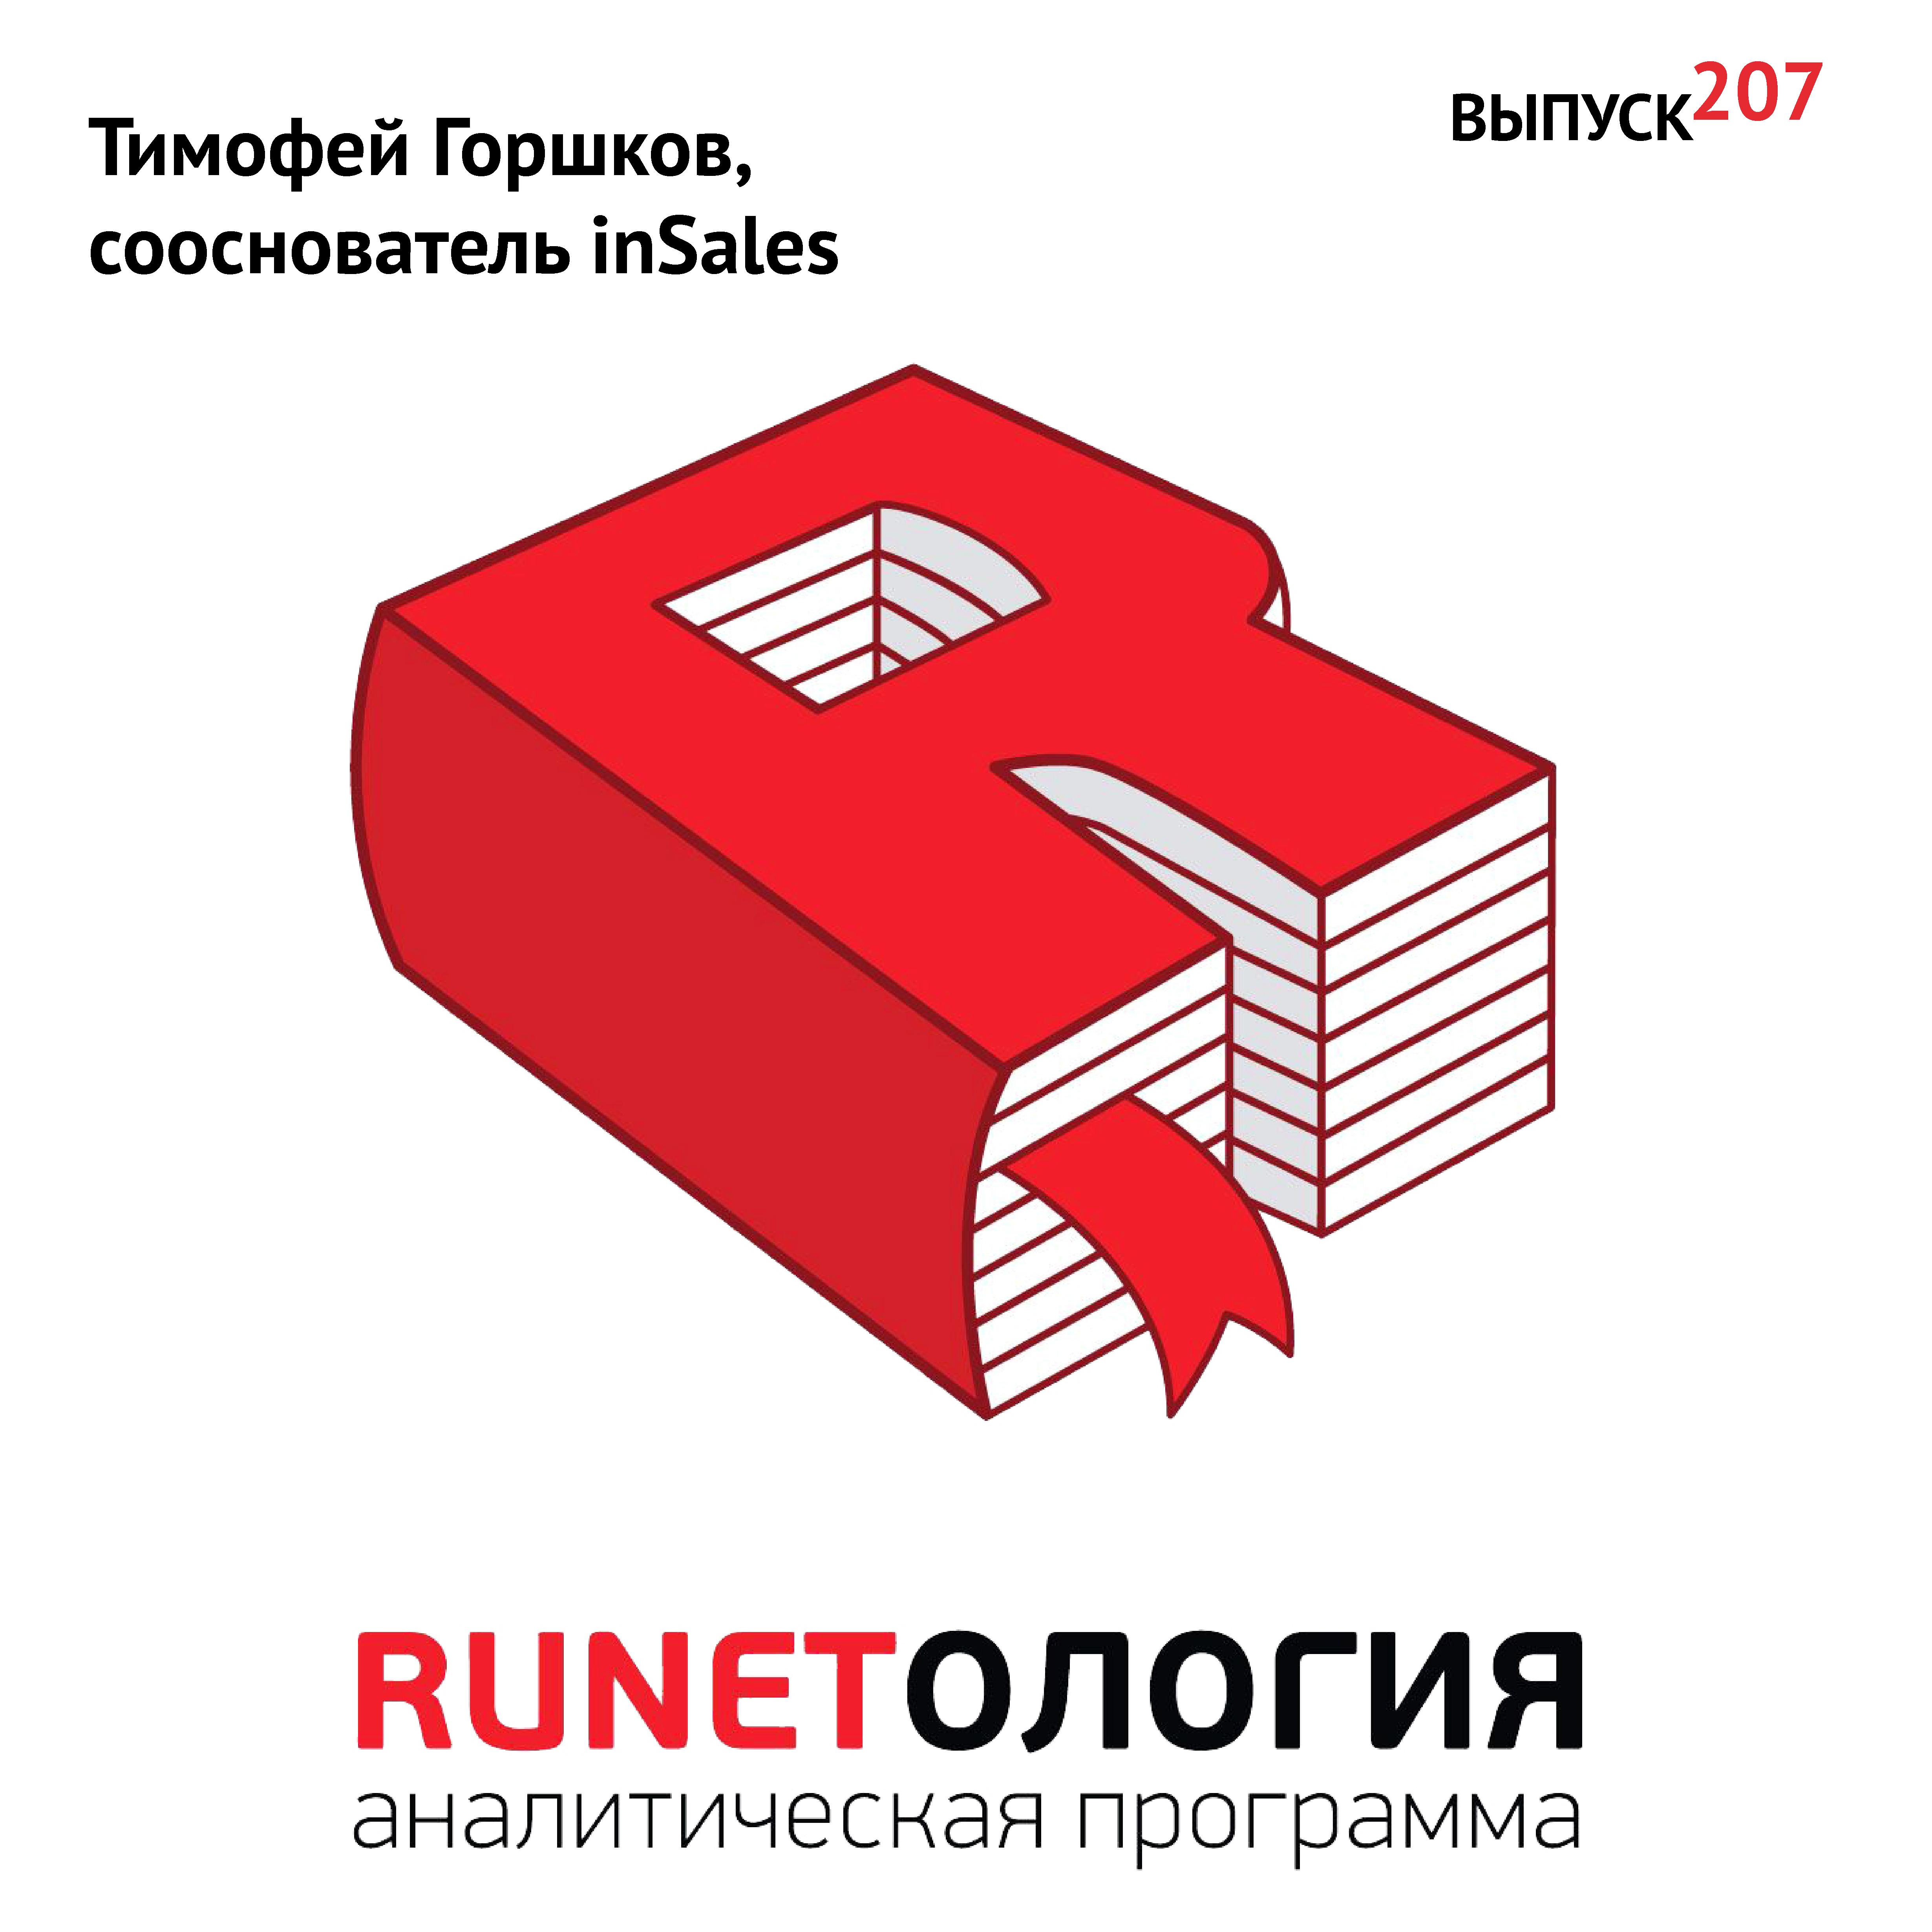 Максим Спиридонов Тимофей Горшков, сооснователь inSales